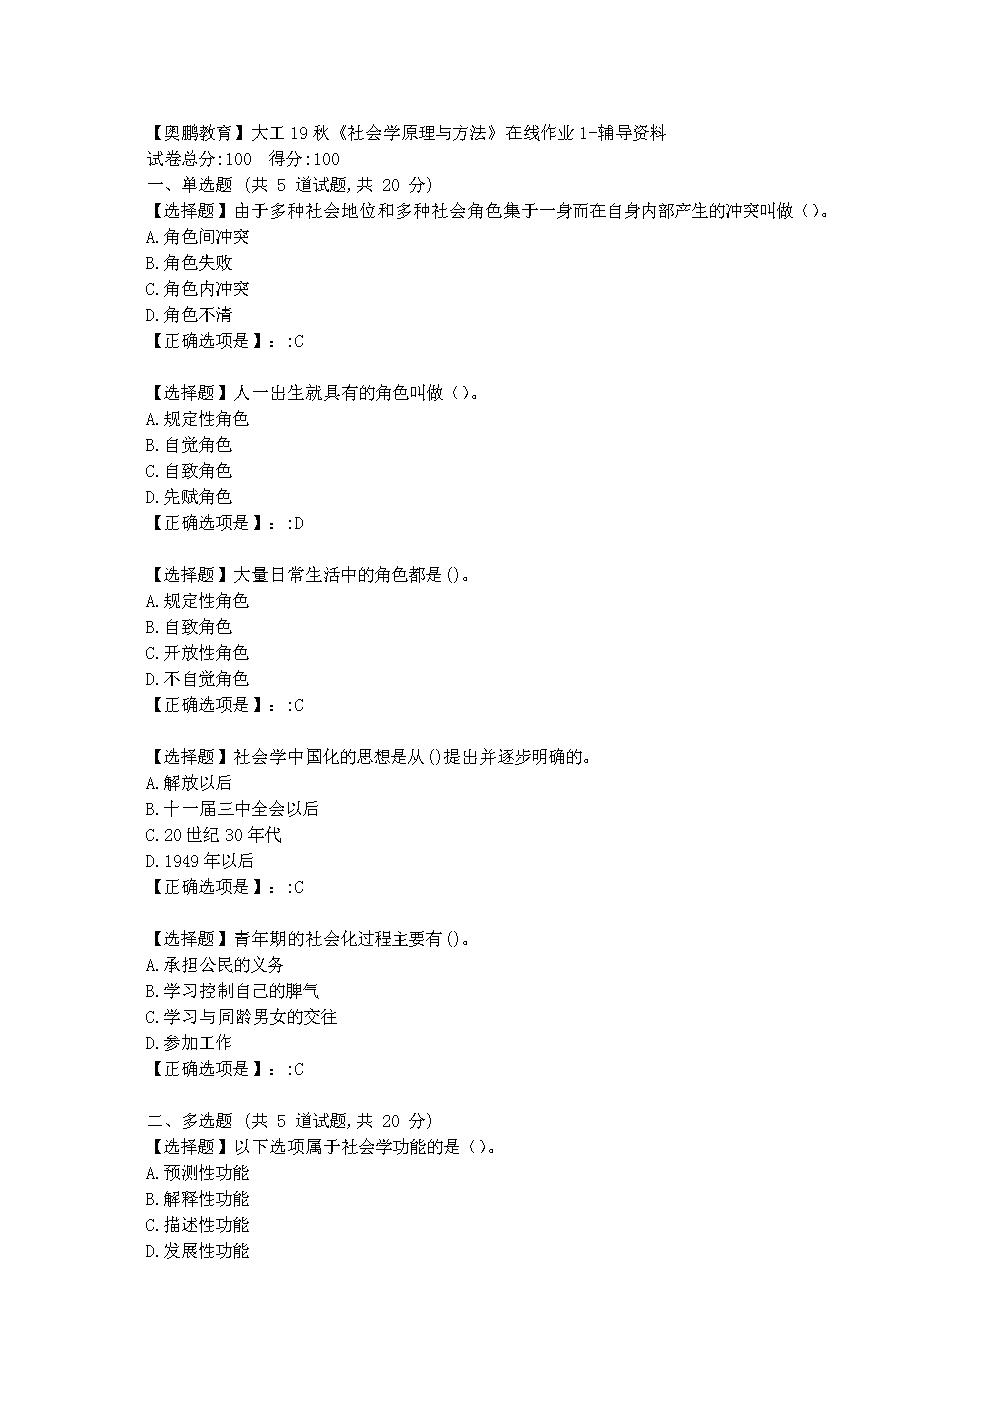 大连理工大学19秋《社会学原理与方法》在线作业1学习资料.doc